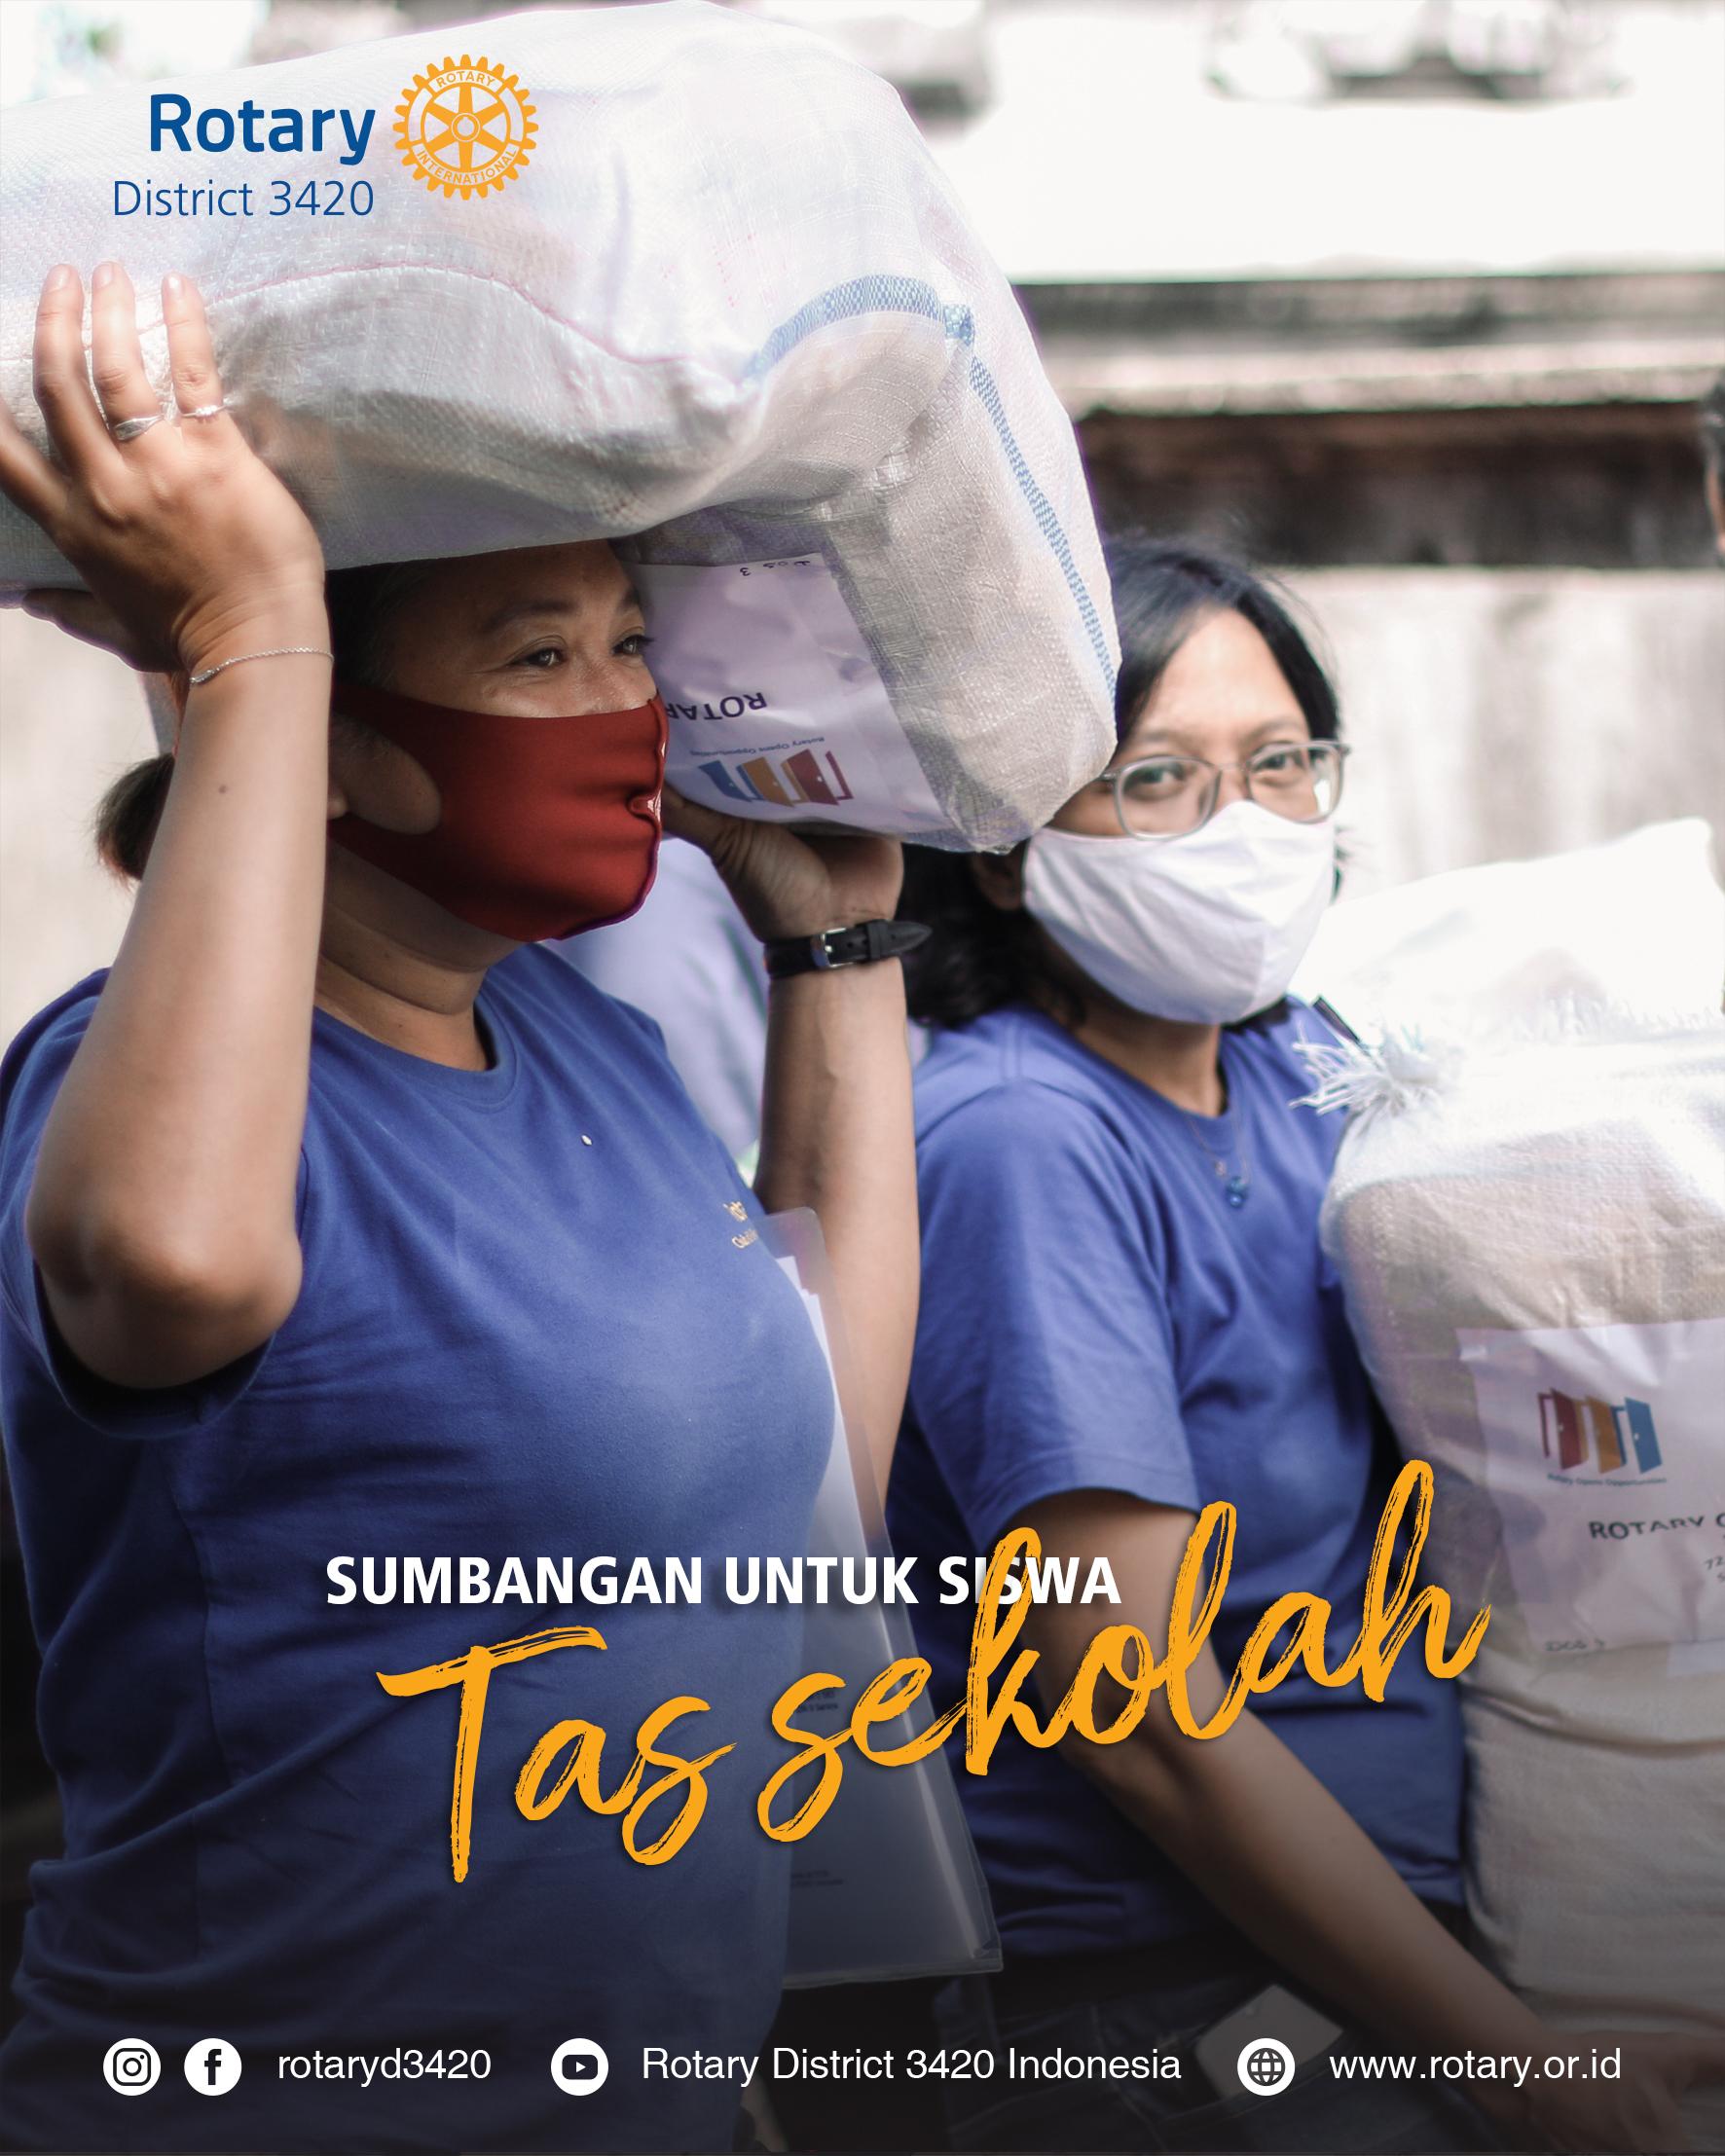 Distribusi Tas Sekolah dan Alat Tulis oleh Rotary Club of Bali Kuta – District Grant#2091015